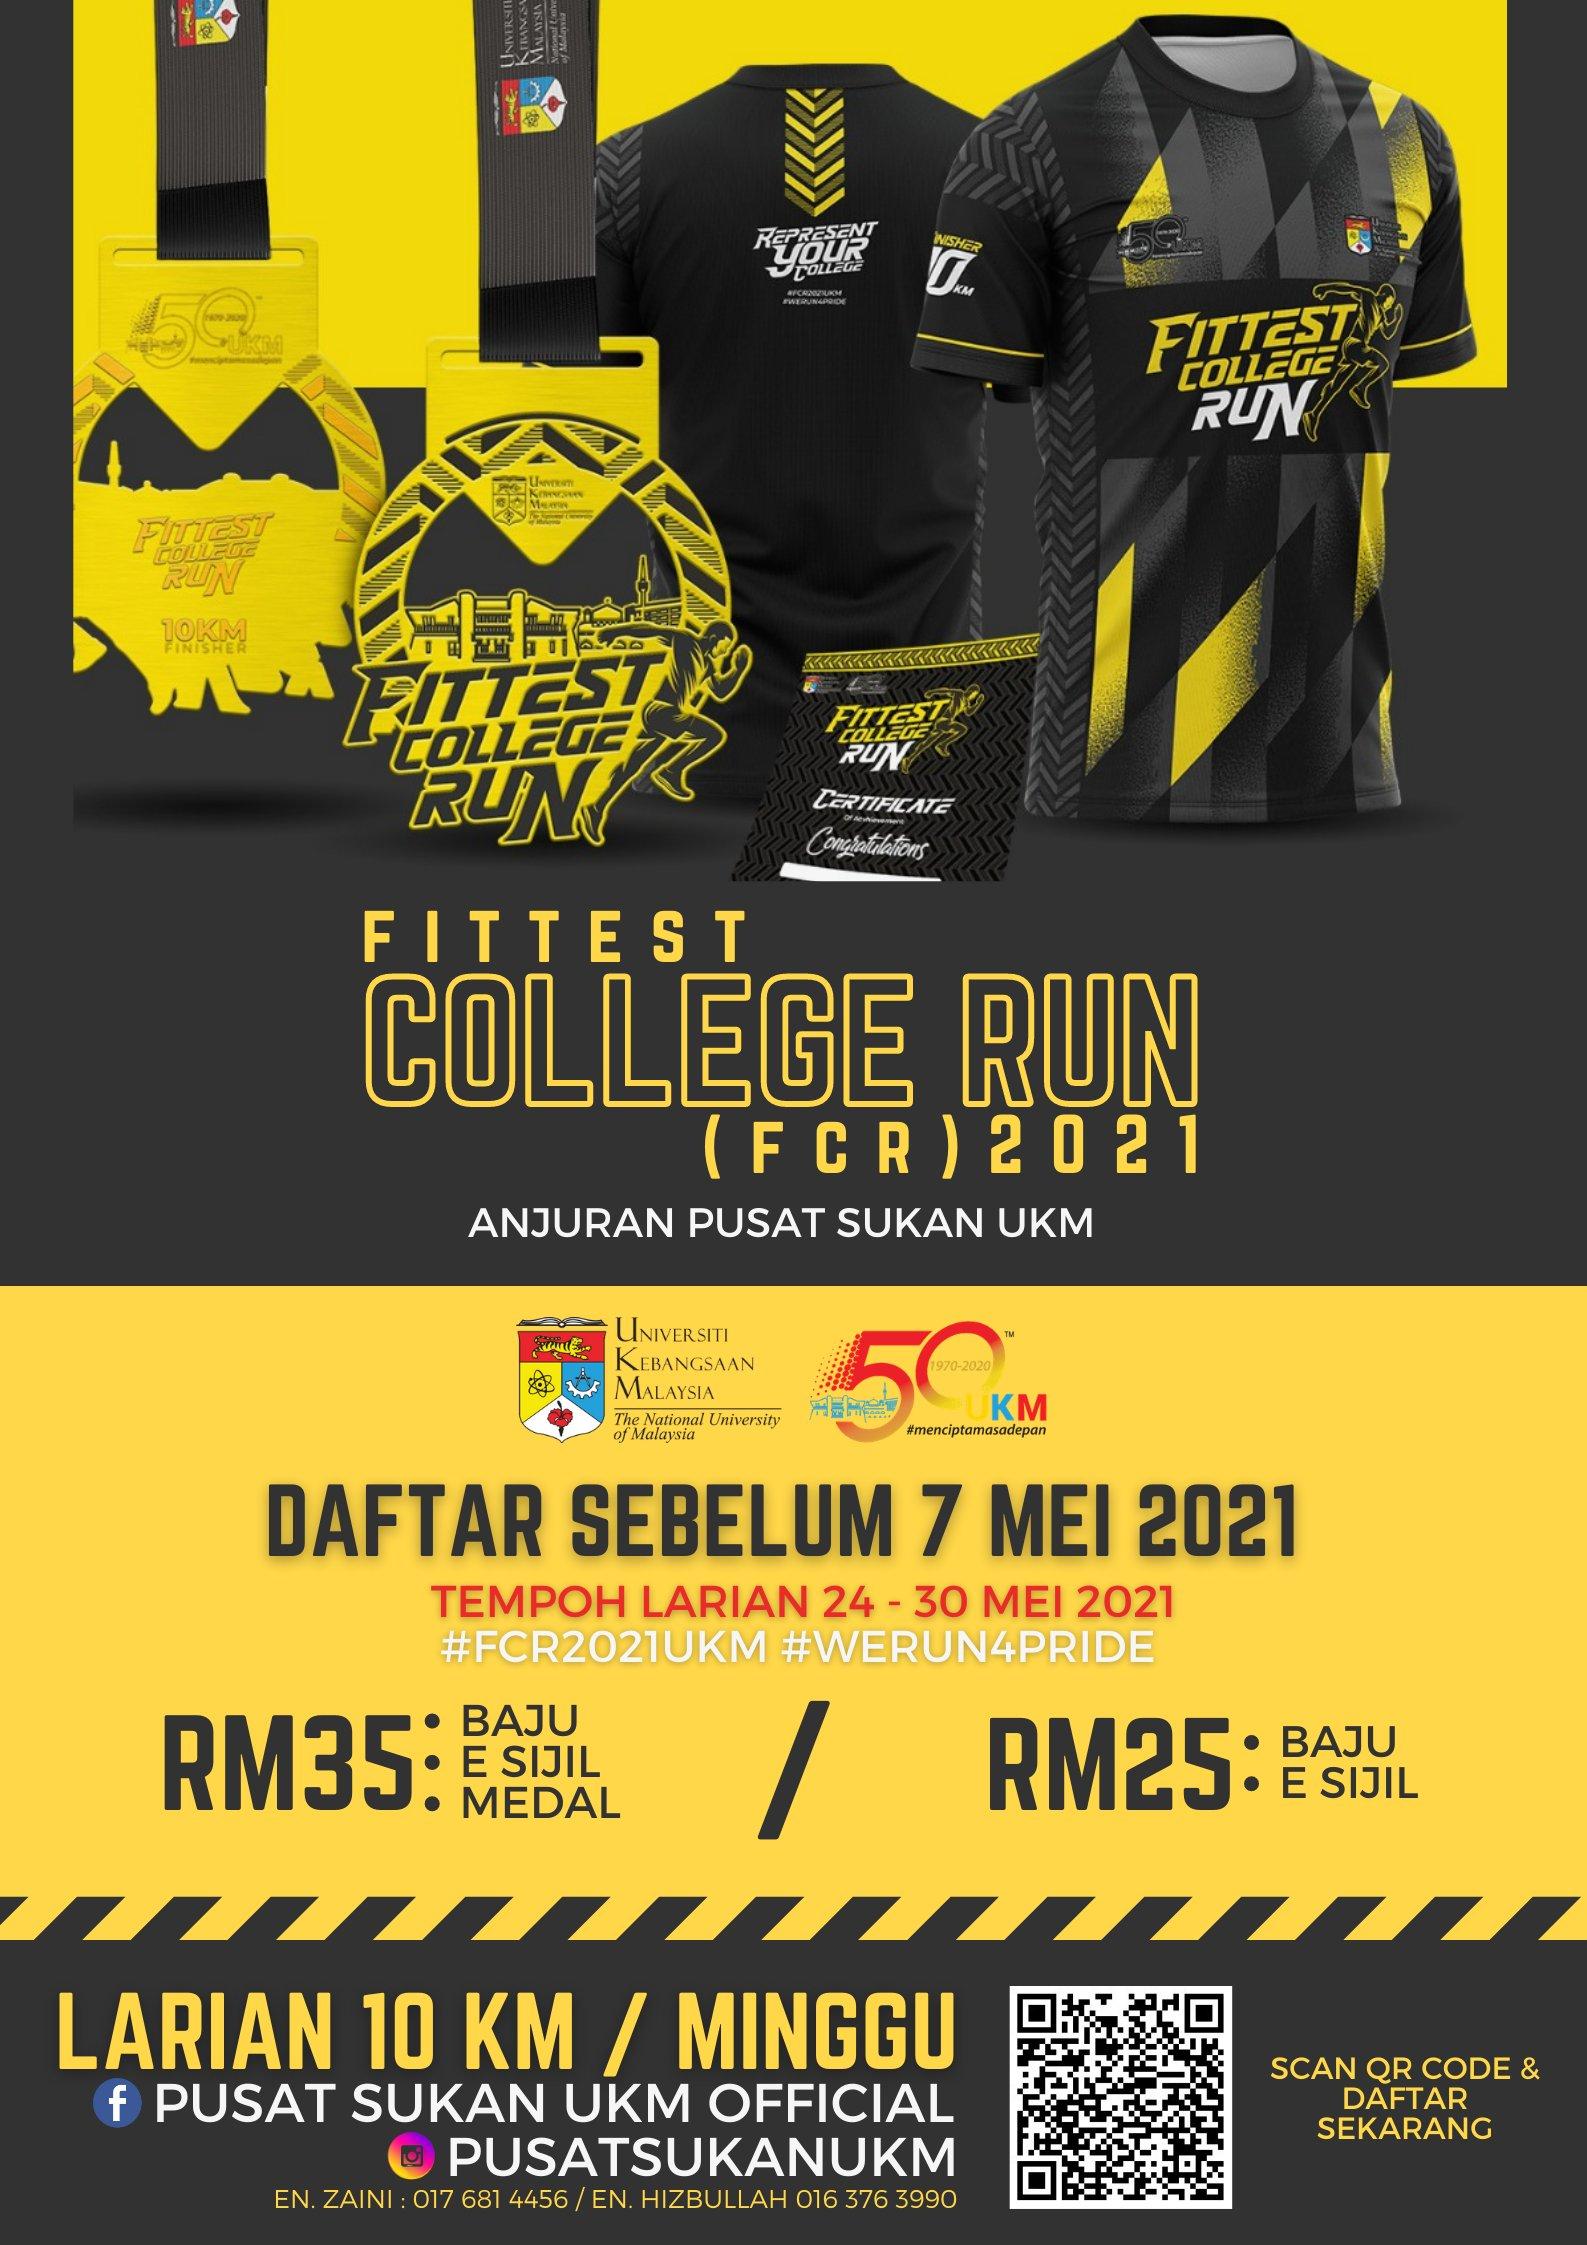 Fittest College Run 2021